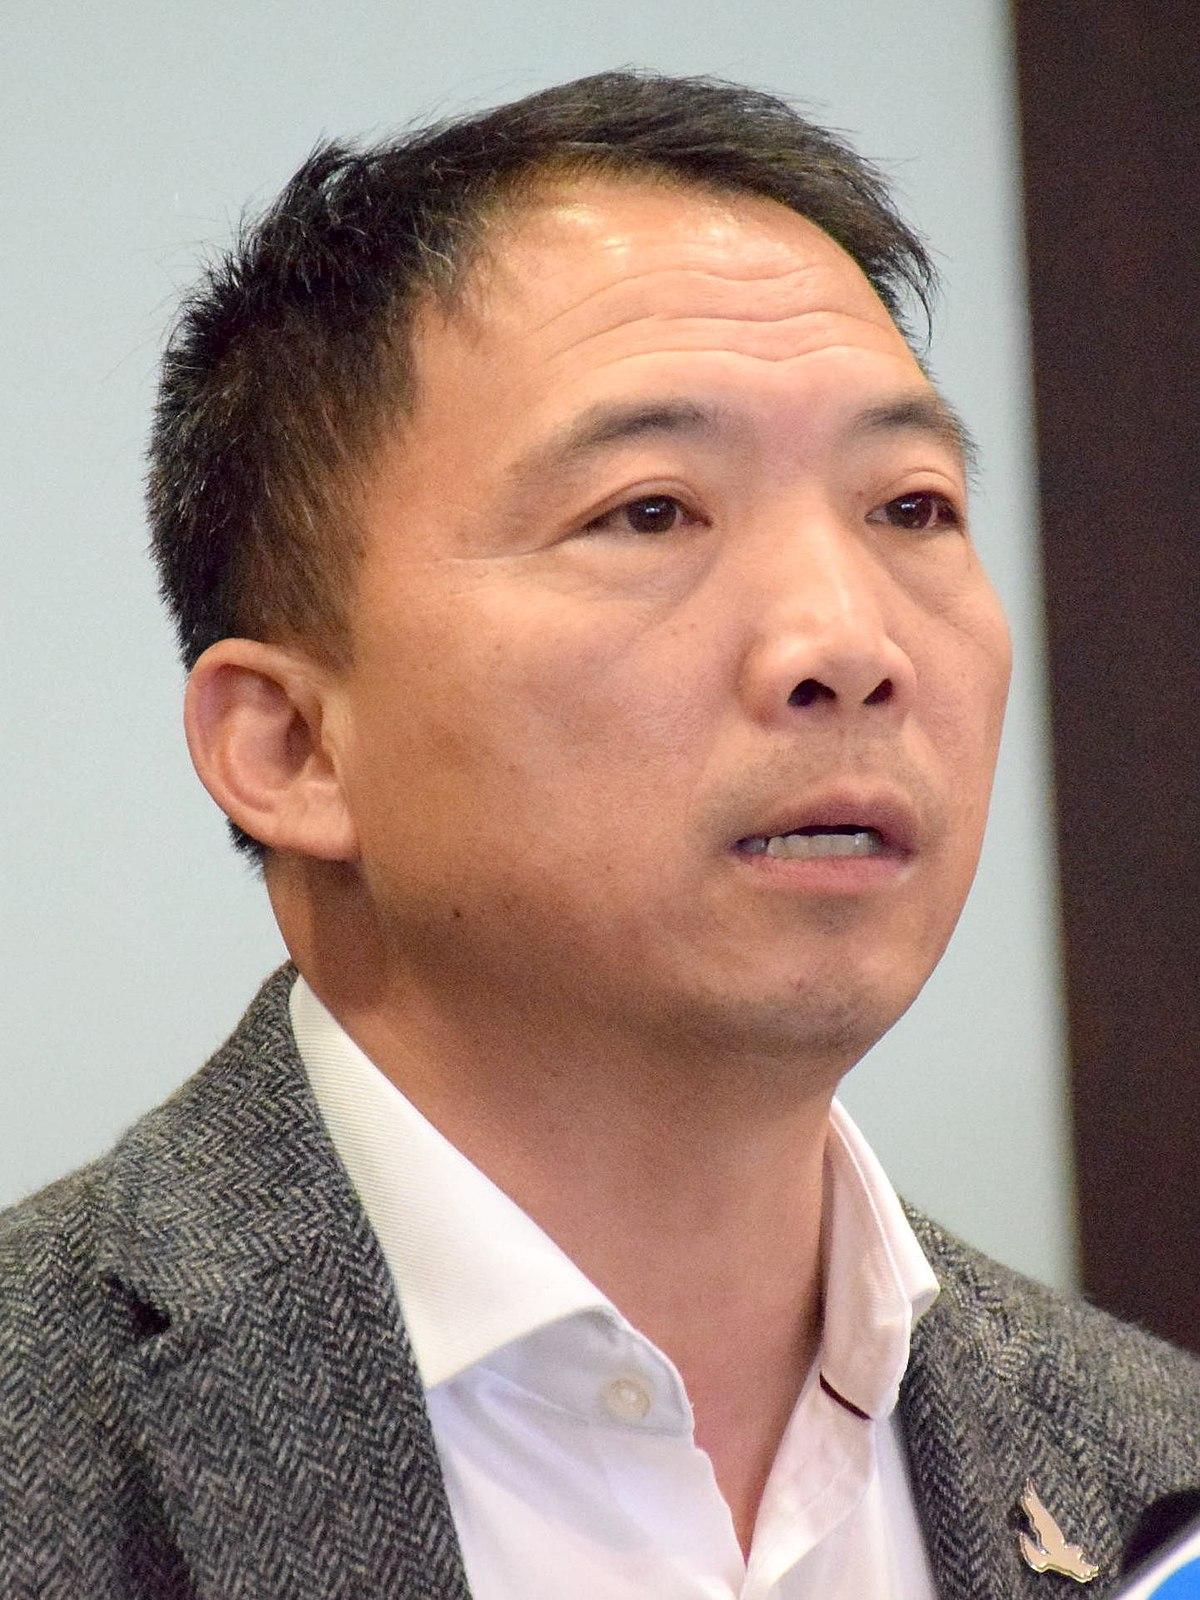 胡志偉 (政治人物) - 維基百科,自由的百科全書